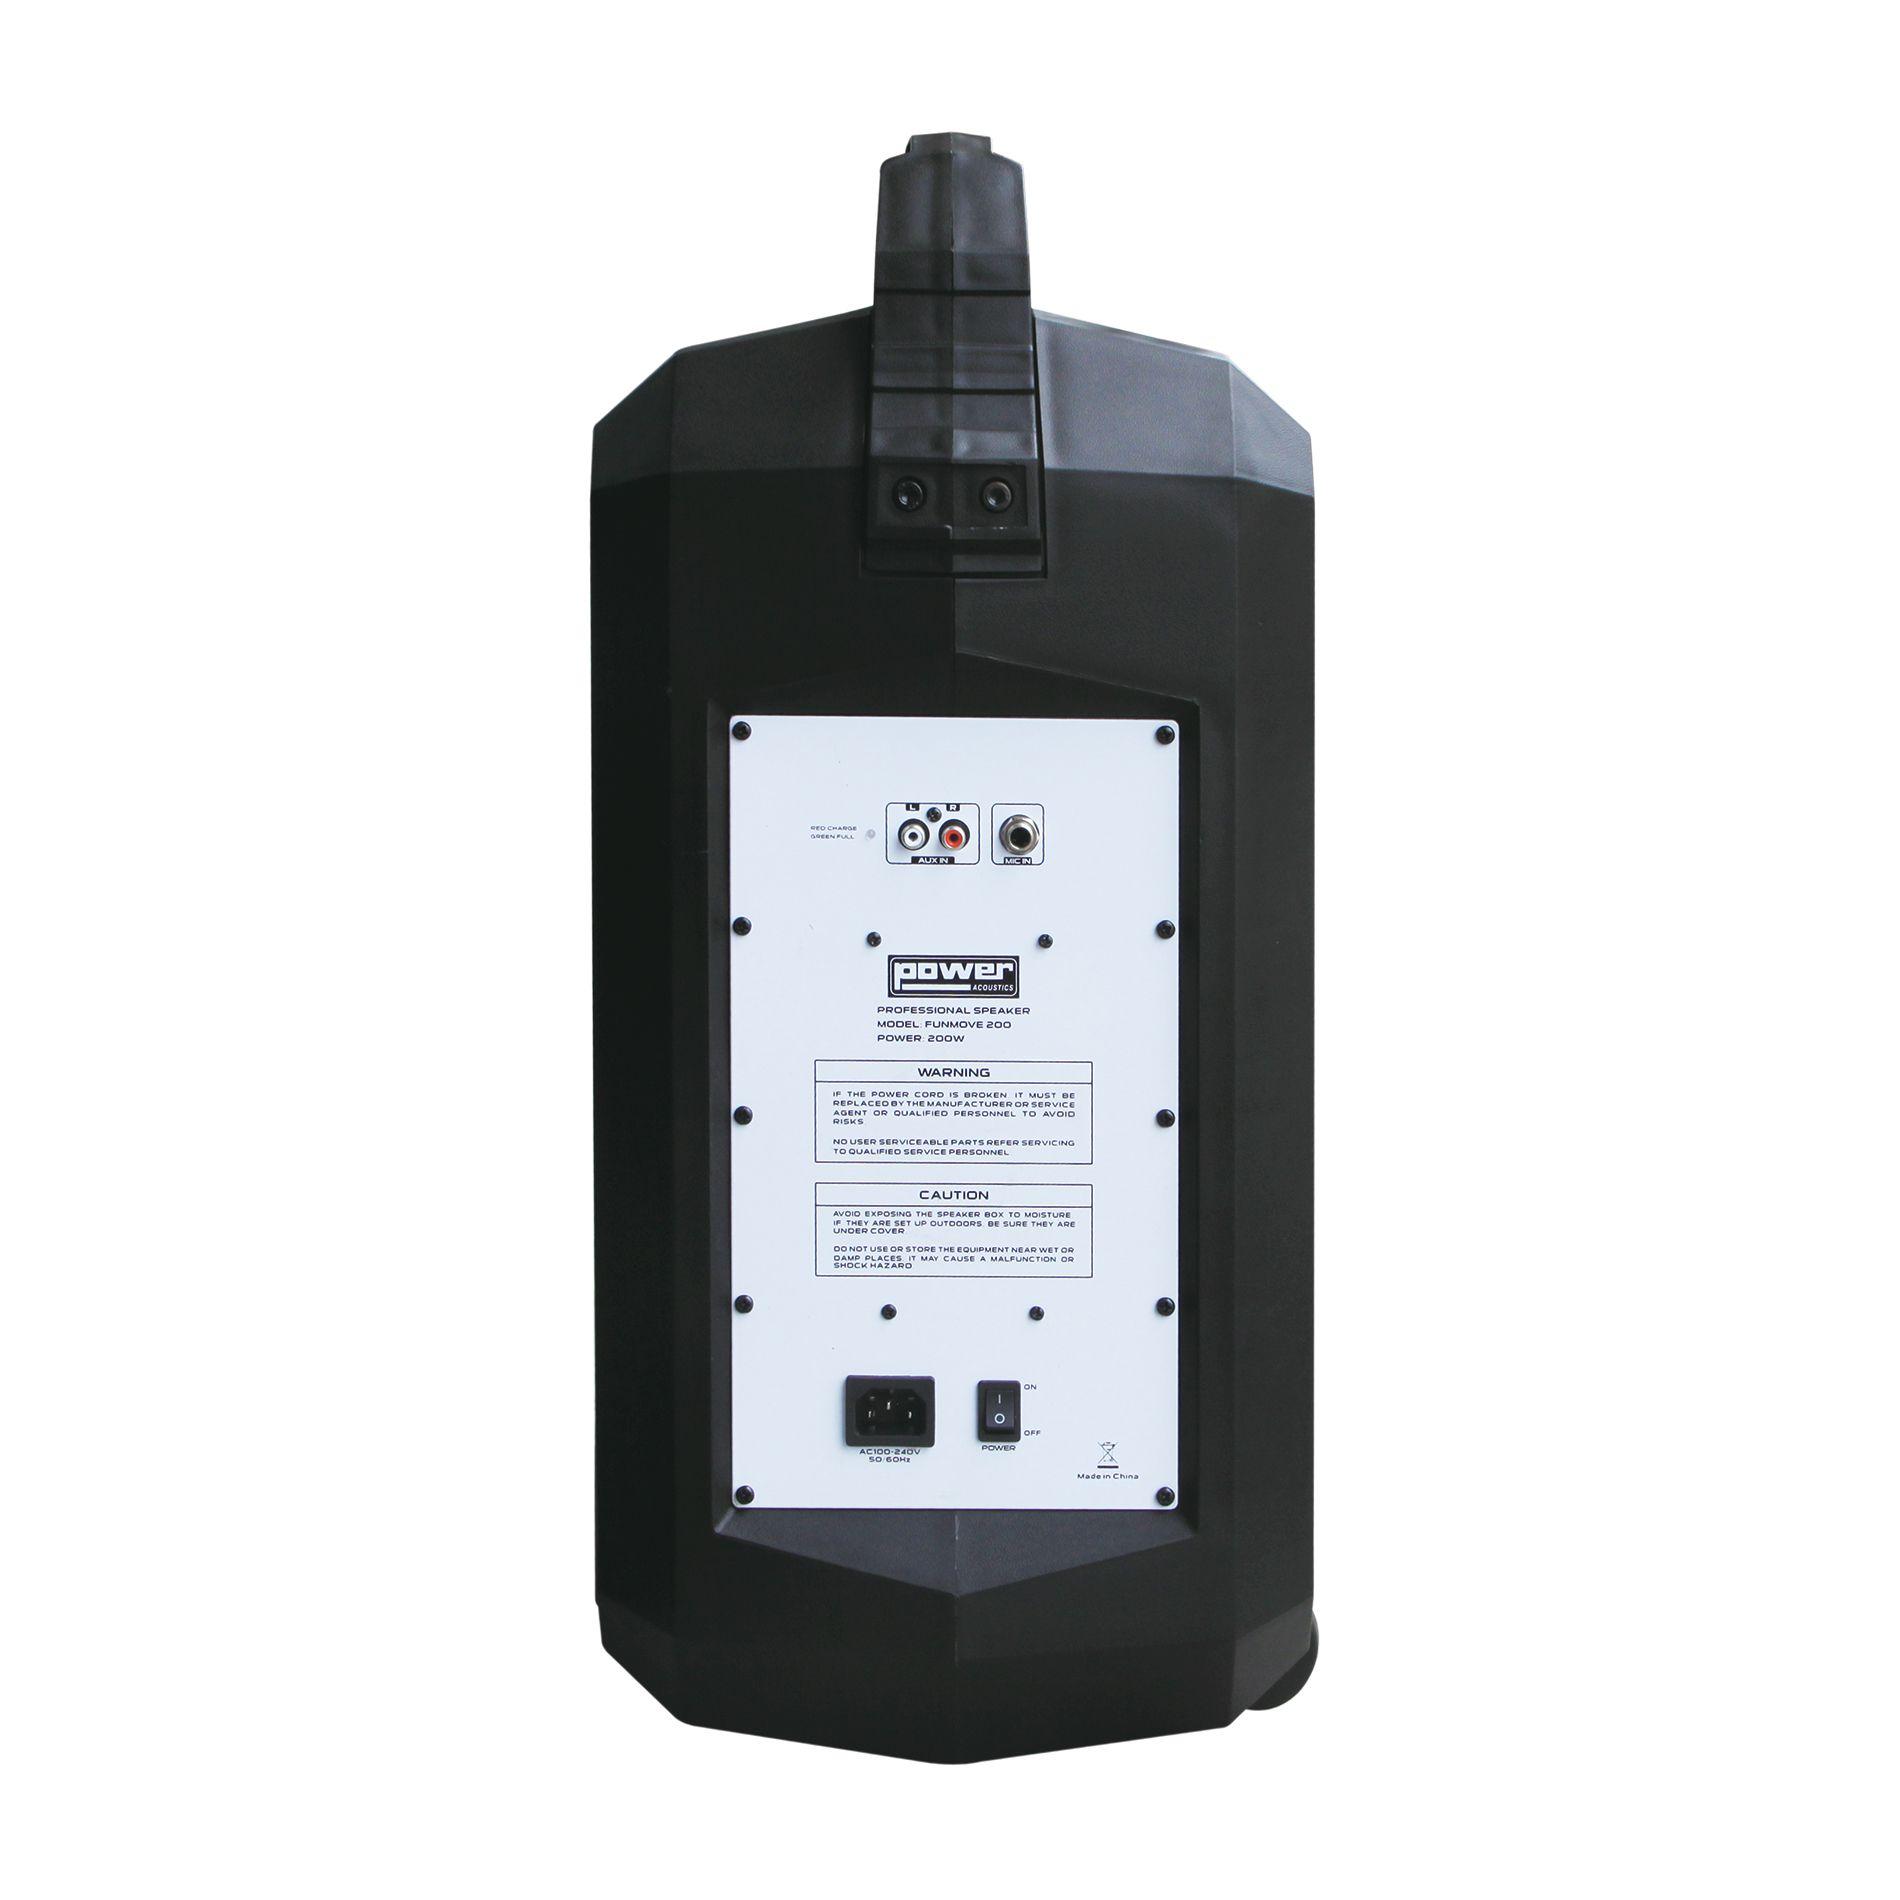 Sur Power Acoustics 200 Autonome Puissance 200w Enceinte Funmove Batterie sxhtQrdC